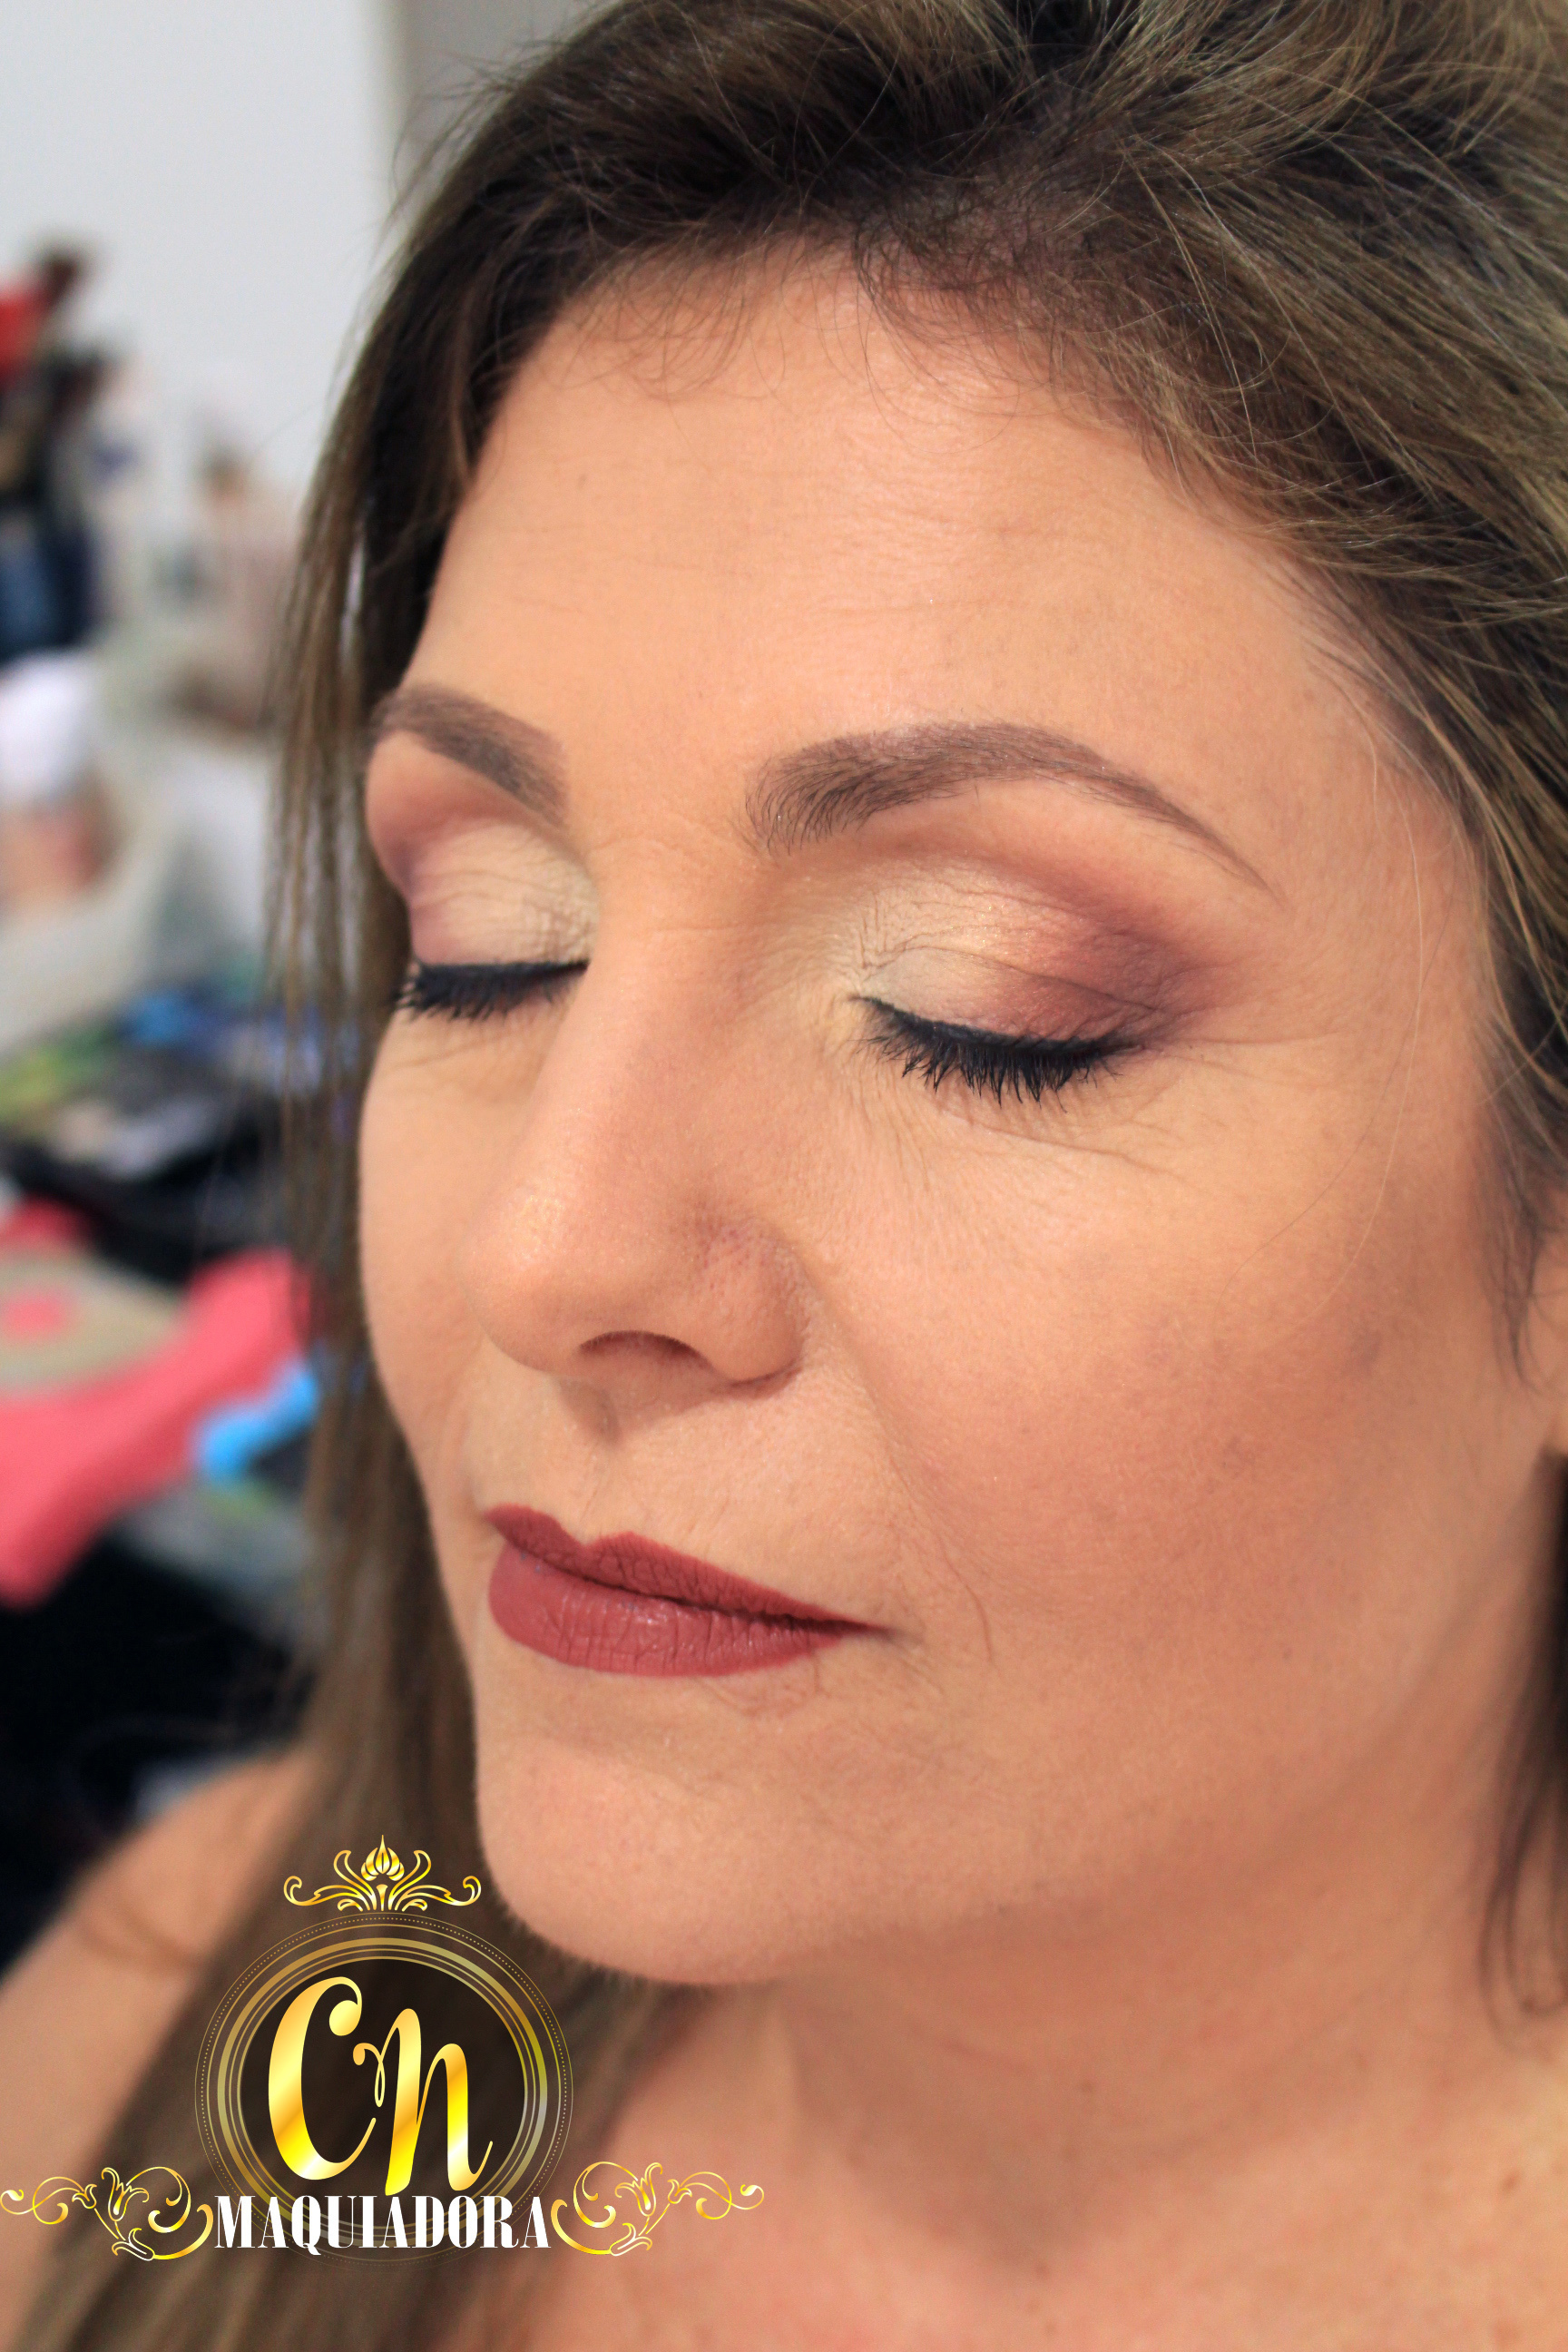 Maquiagem suave para madrinha de pele madura ♥  #maquiagemmadrinha #madrinha #maquiagem #maquiadoraubatuba #maquiagemubatuba #maquiadoracaraguatatuba #makeup #mua #ubatuba #caraguatatuba #belezaubatuba #casamento #casamentoubatuba maquiagem maquiador(a)